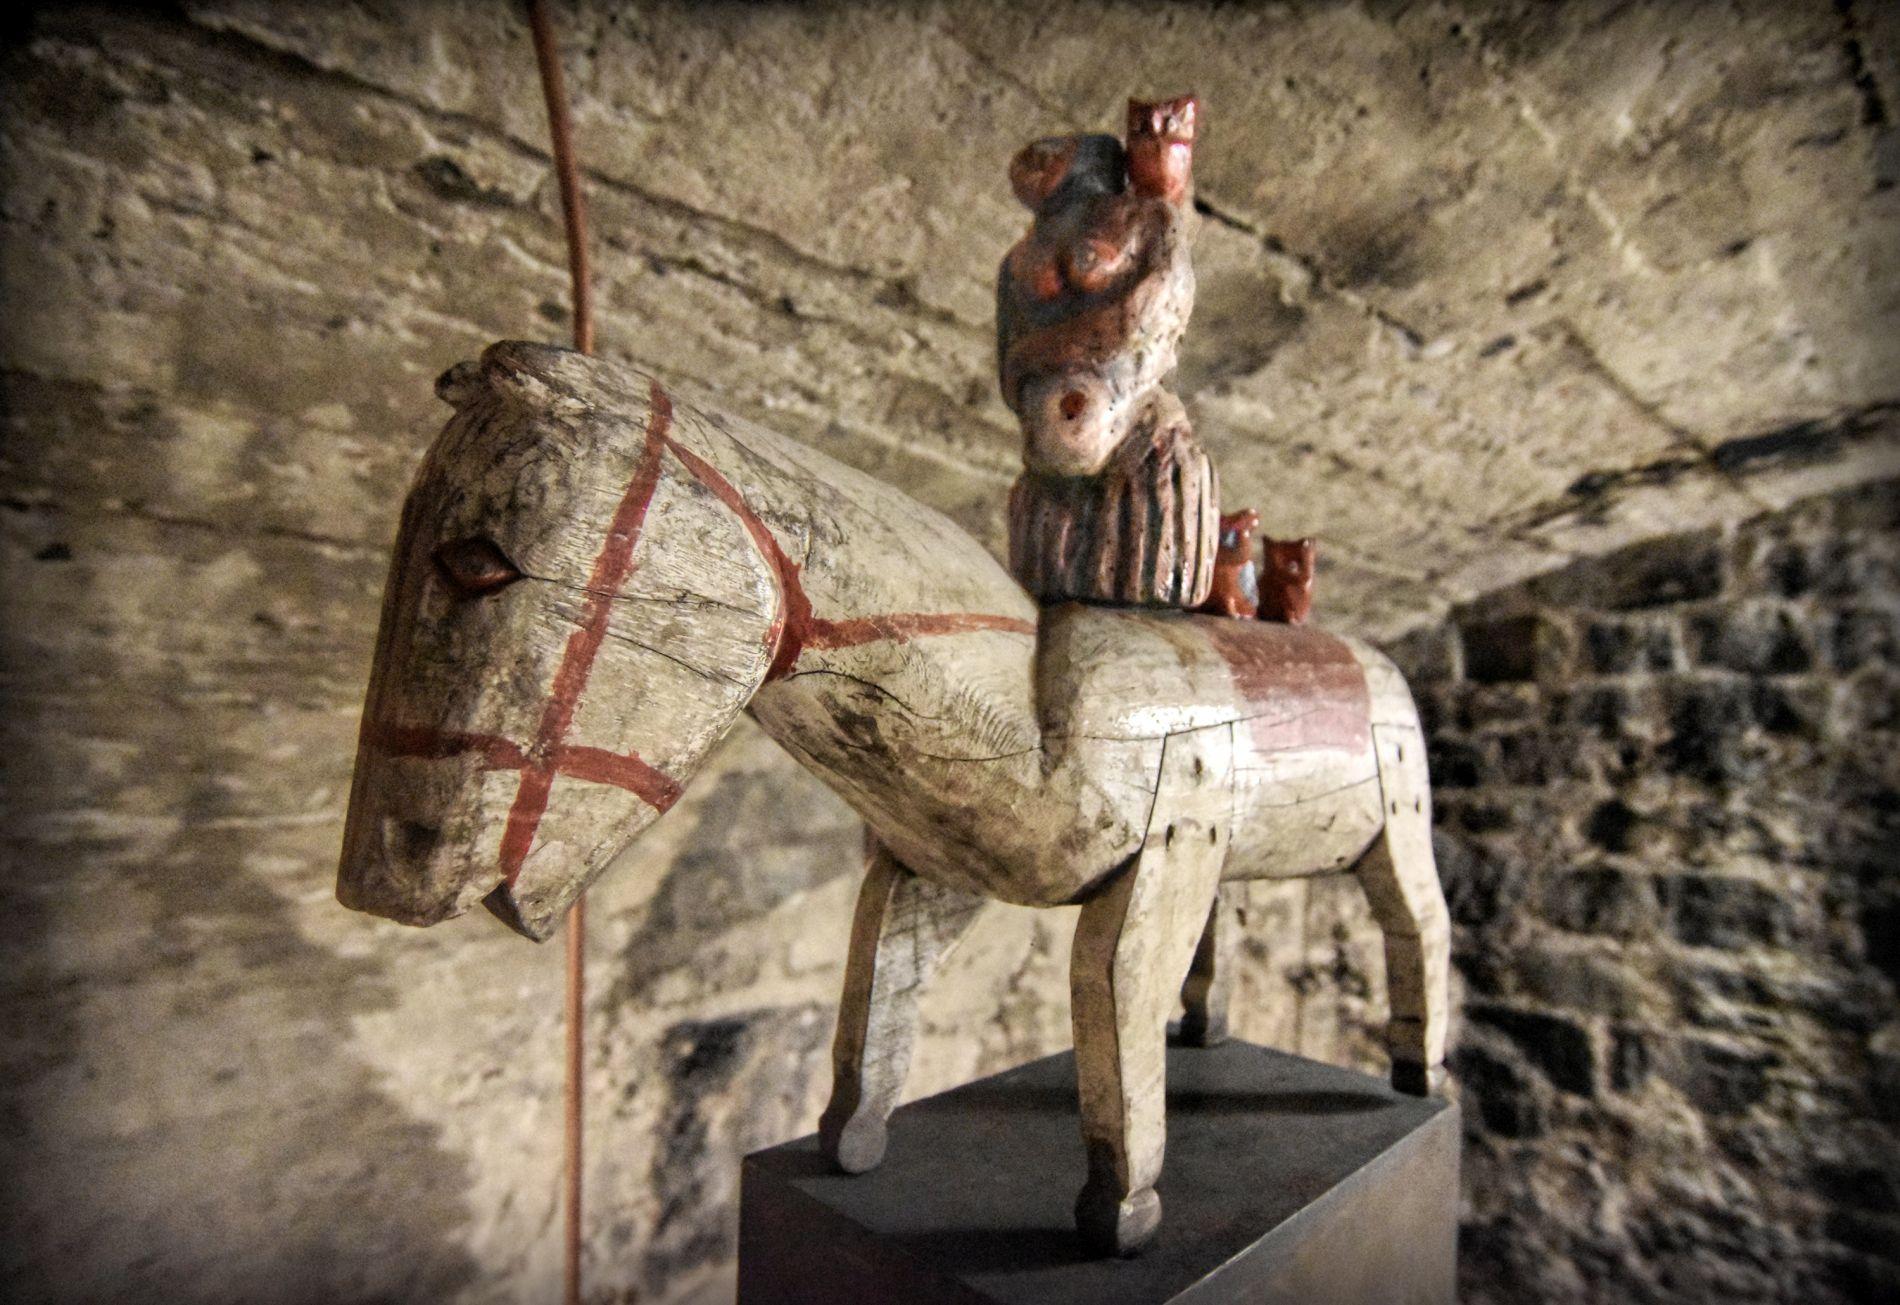 Vetrina della città (underground city museum)